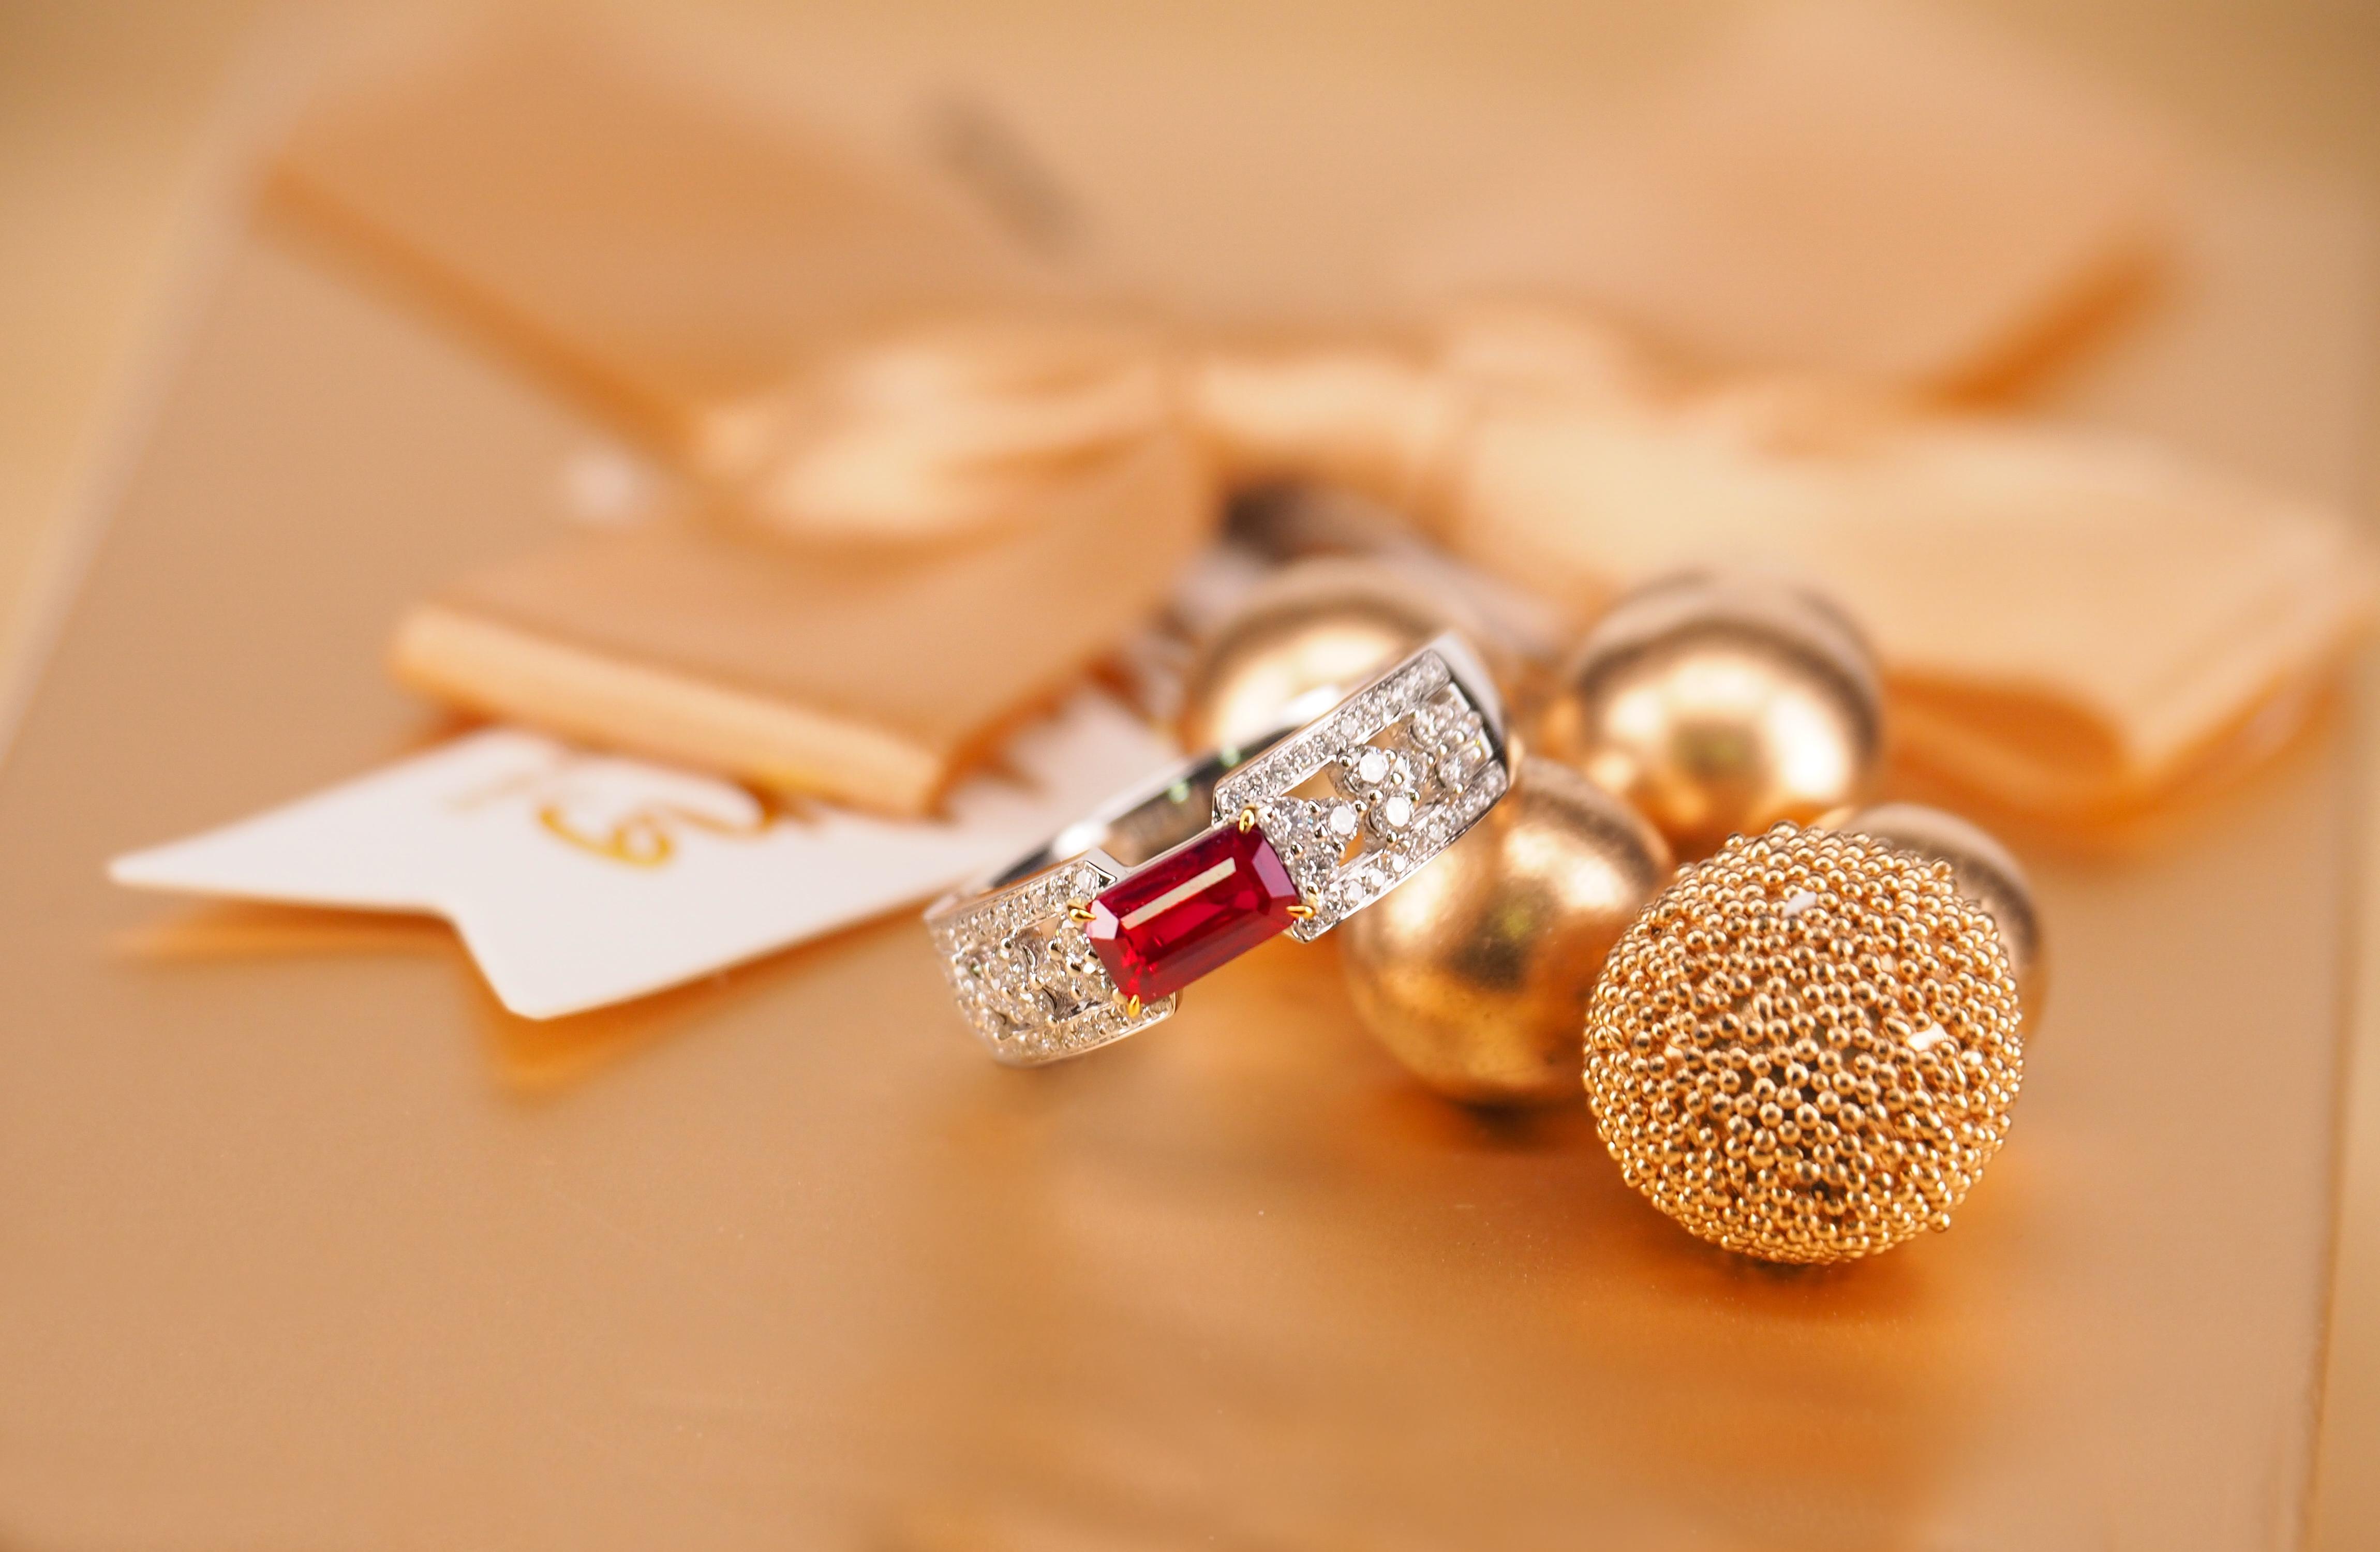 红碧玺与红宝石价值差距大吗?怎么区分红碧玺和红宝石?